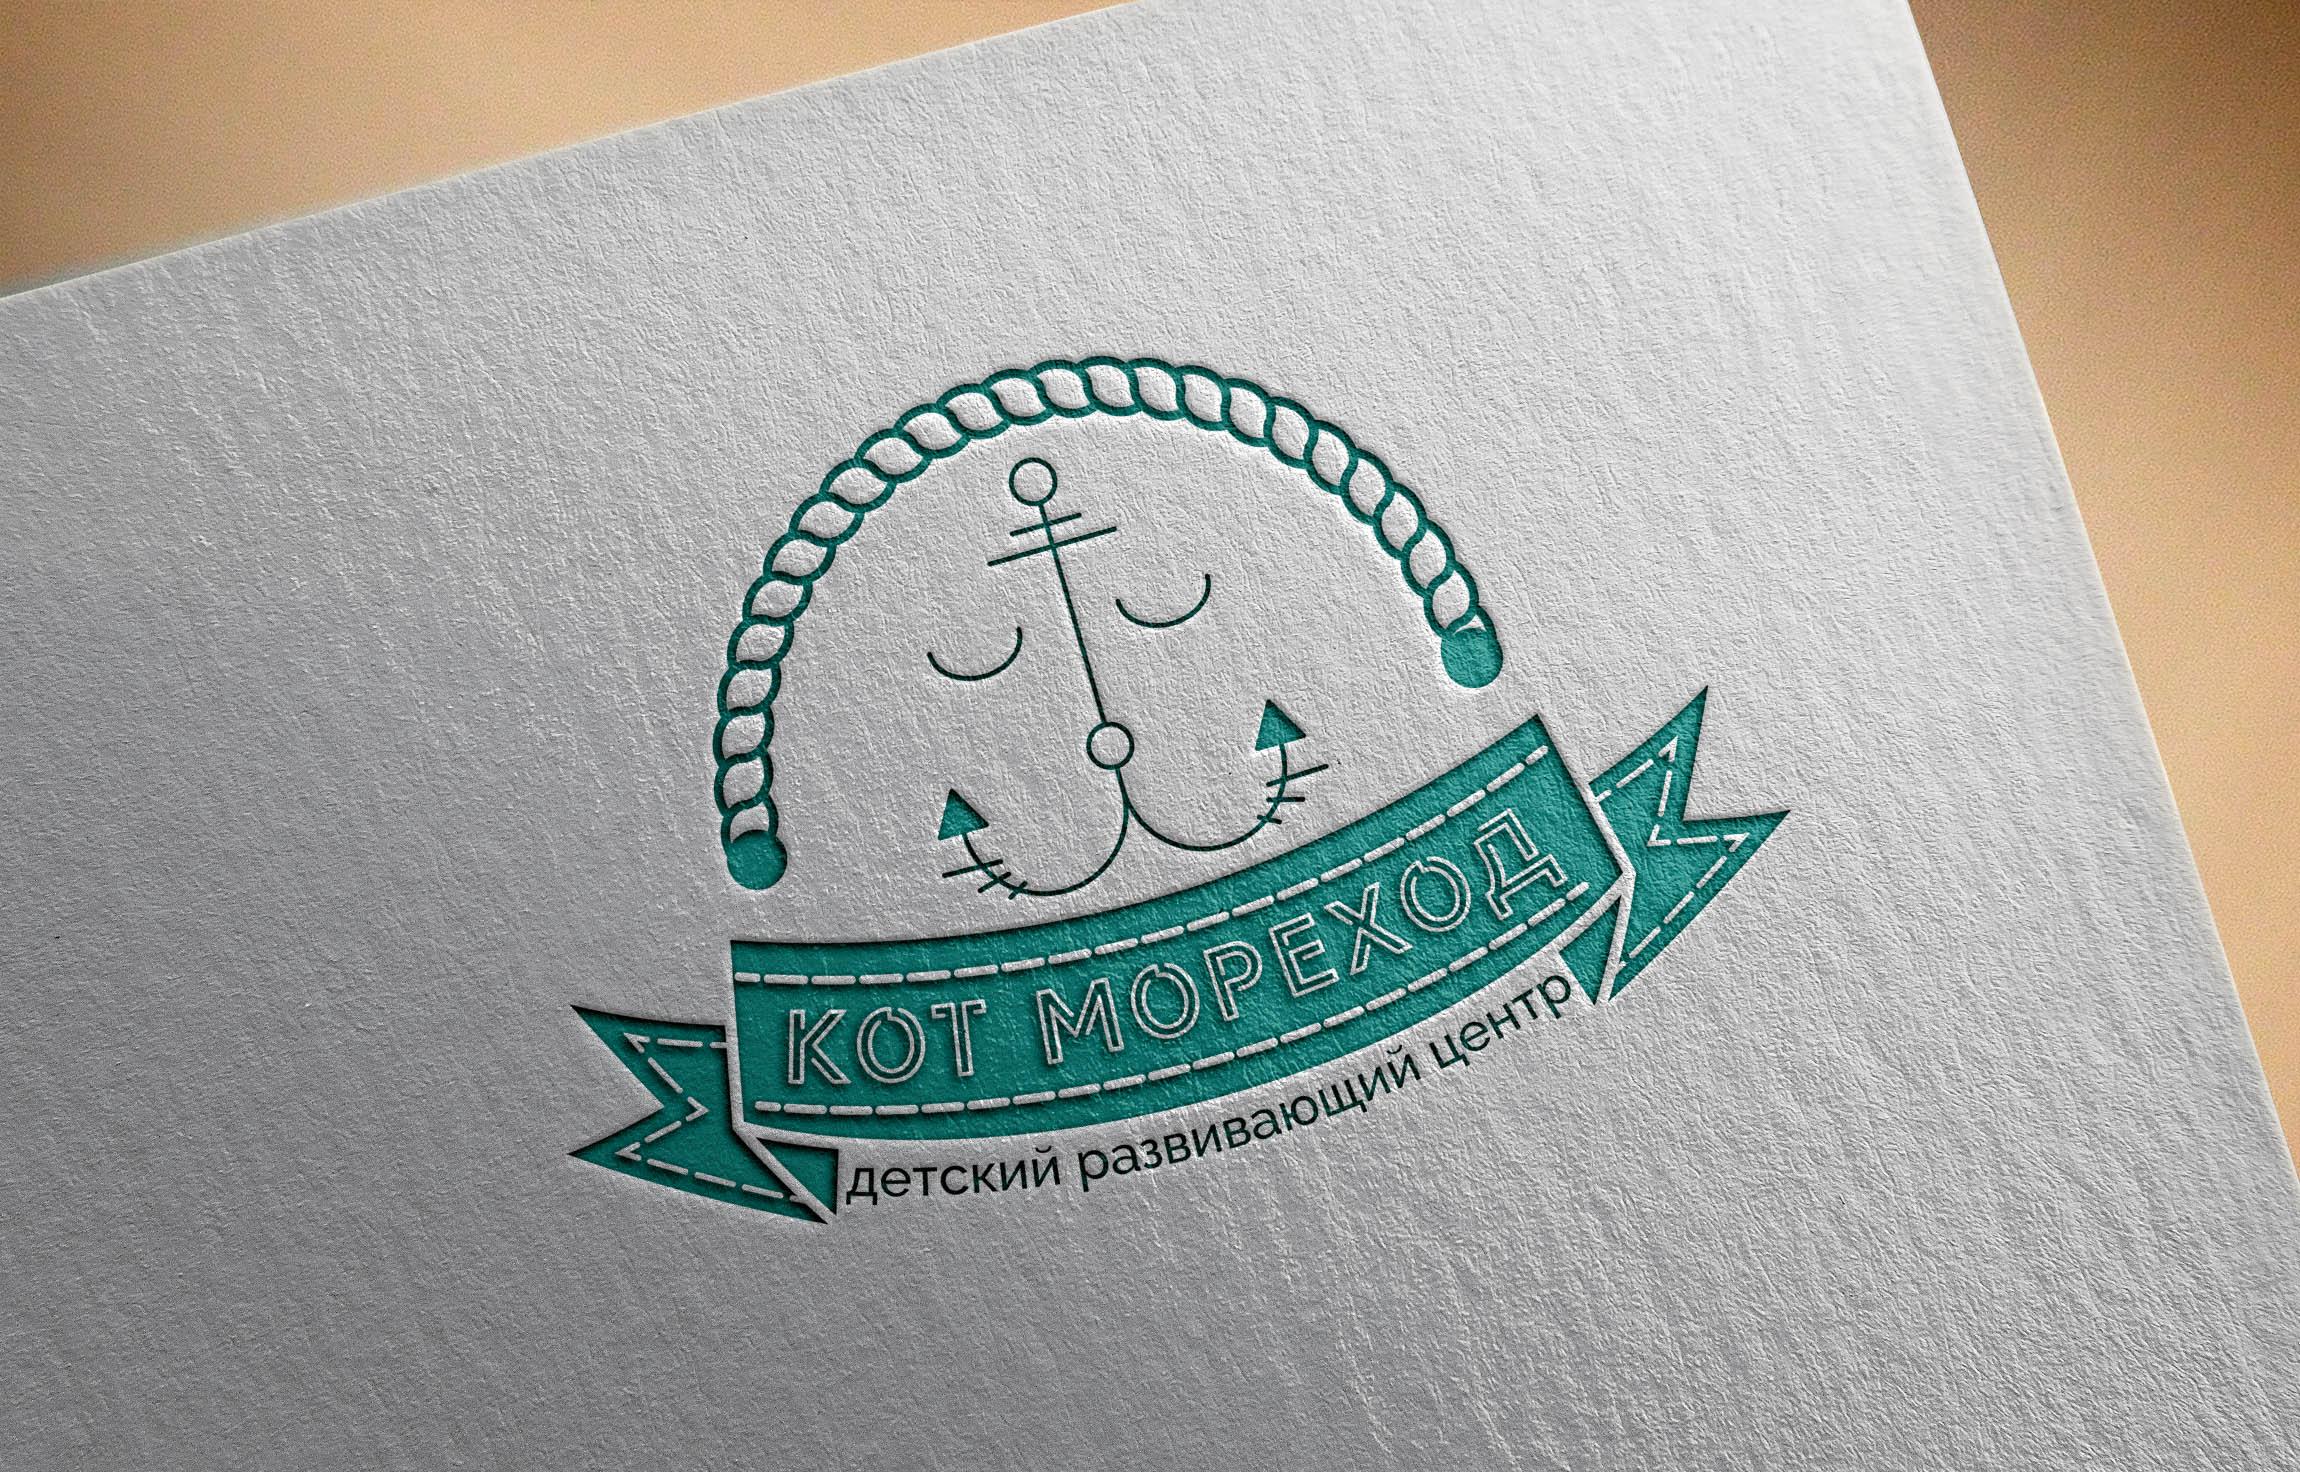 Разработка логотипа для детского центра фото f_7935d022dbb4158e.jpg